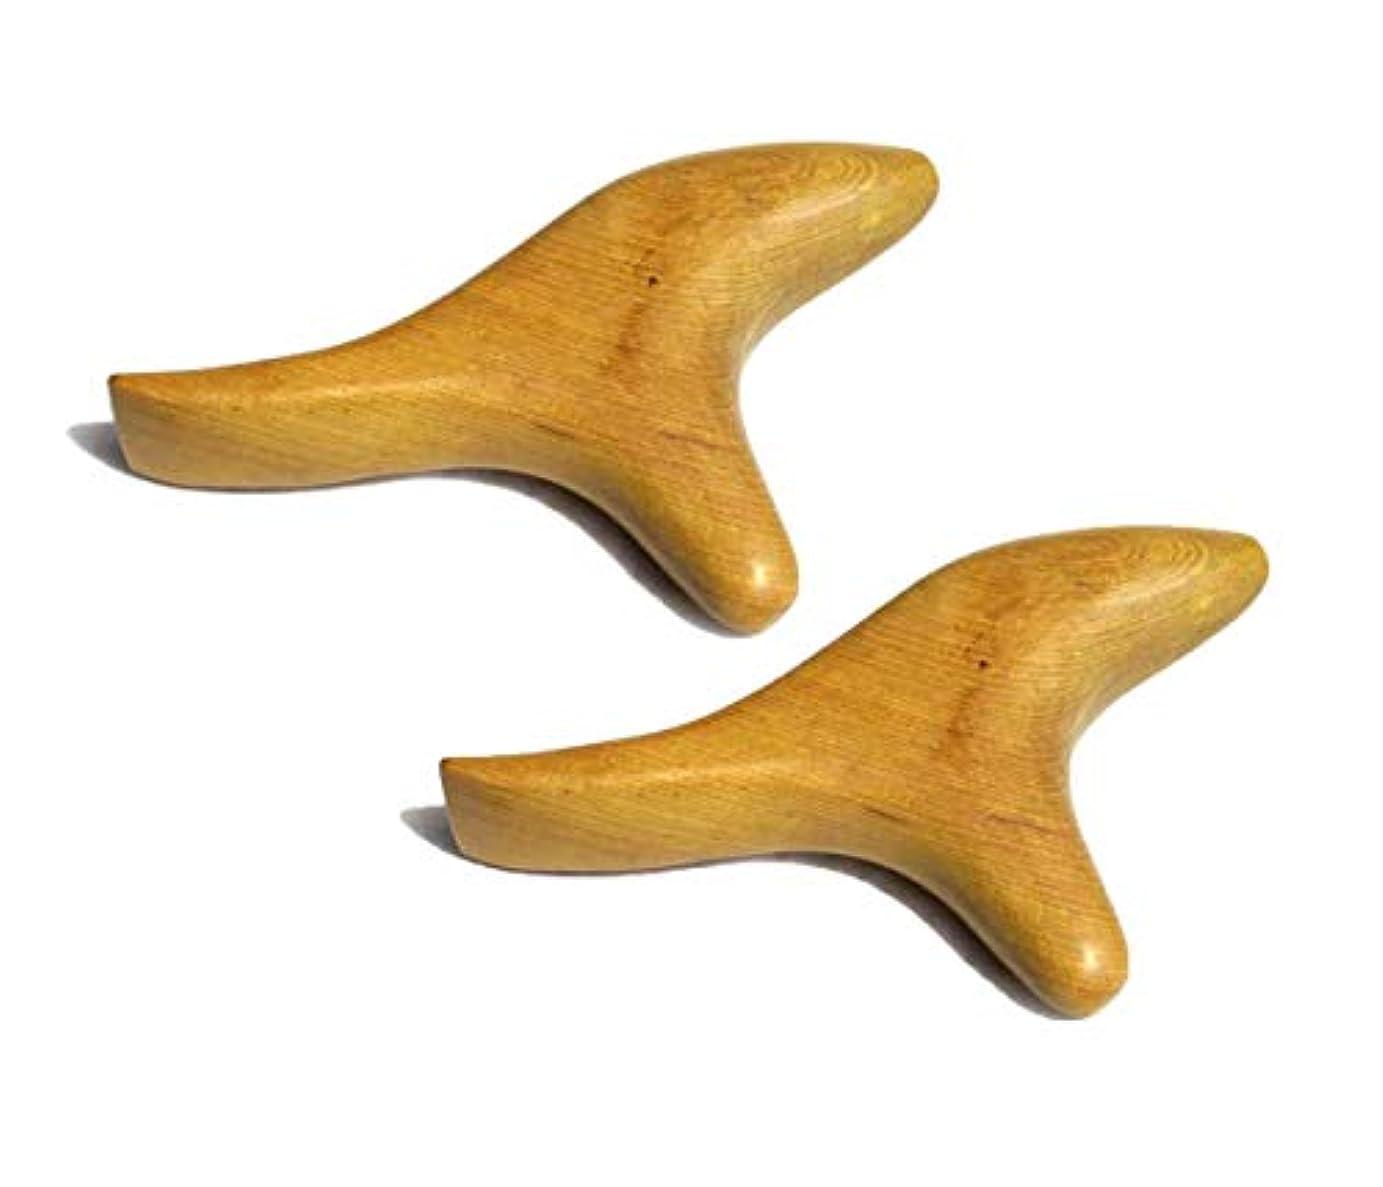 シリーズビンビジターViffly ウッドマッサージ棒 握りタイプ 天然木 オカリナ型(ウッドマッサージ棒2個)